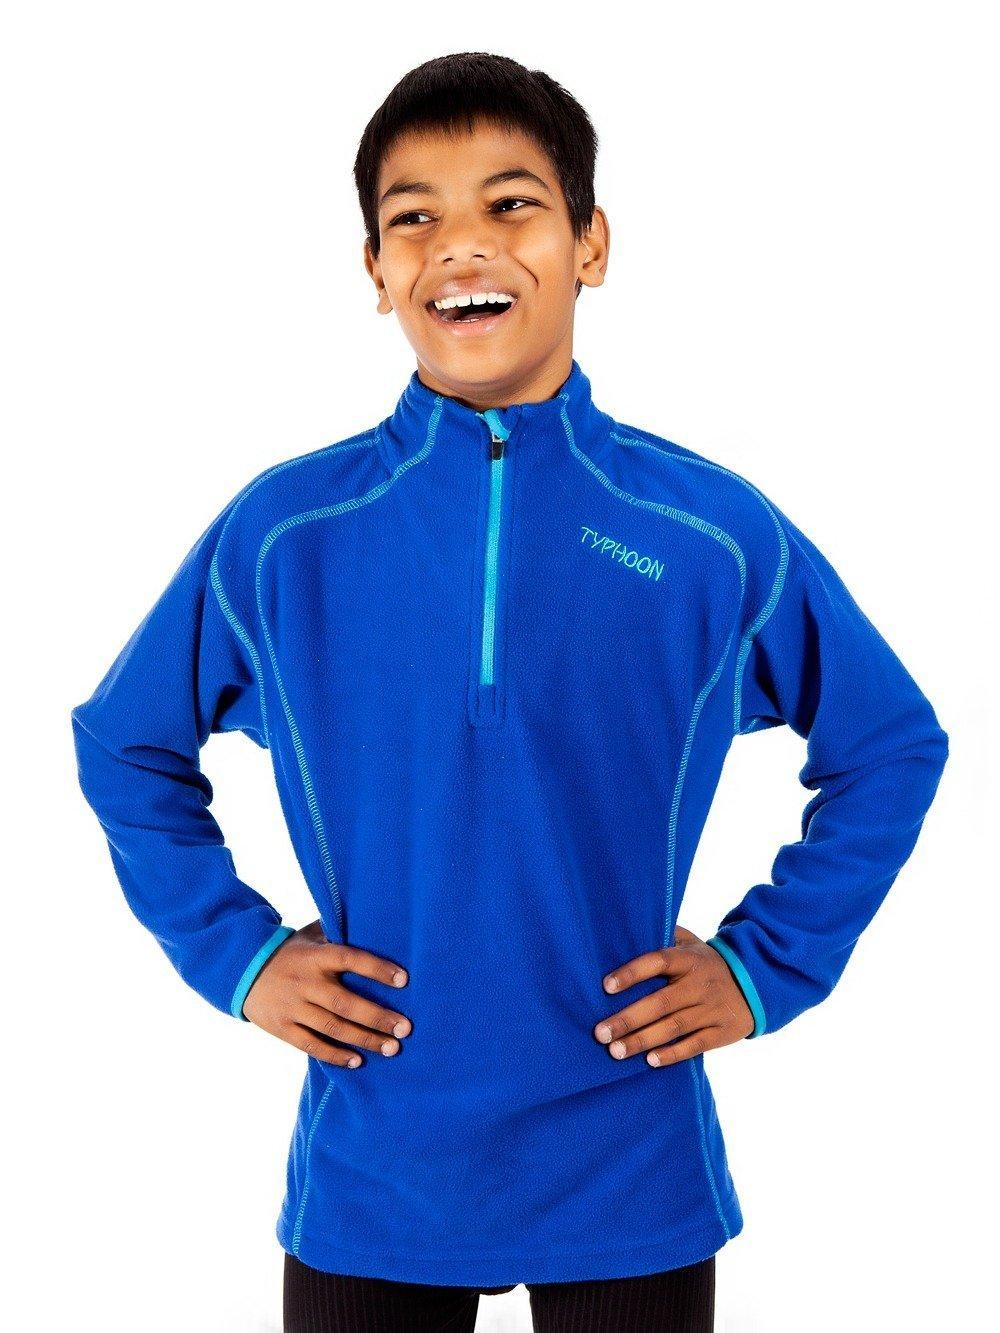 Typhoon st. moritz fleece trøje børn fra Typhoon på billigsport24